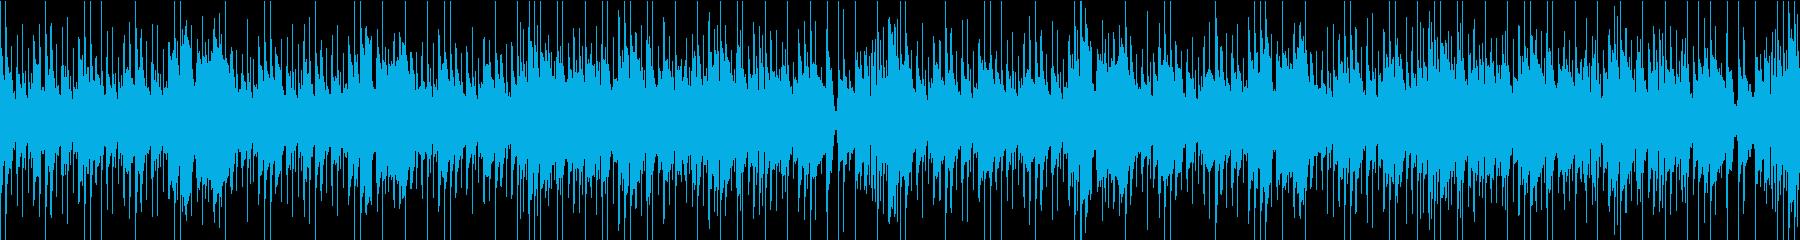 アコギのあたたかな雰囲気のループBGMの再生済みの波形